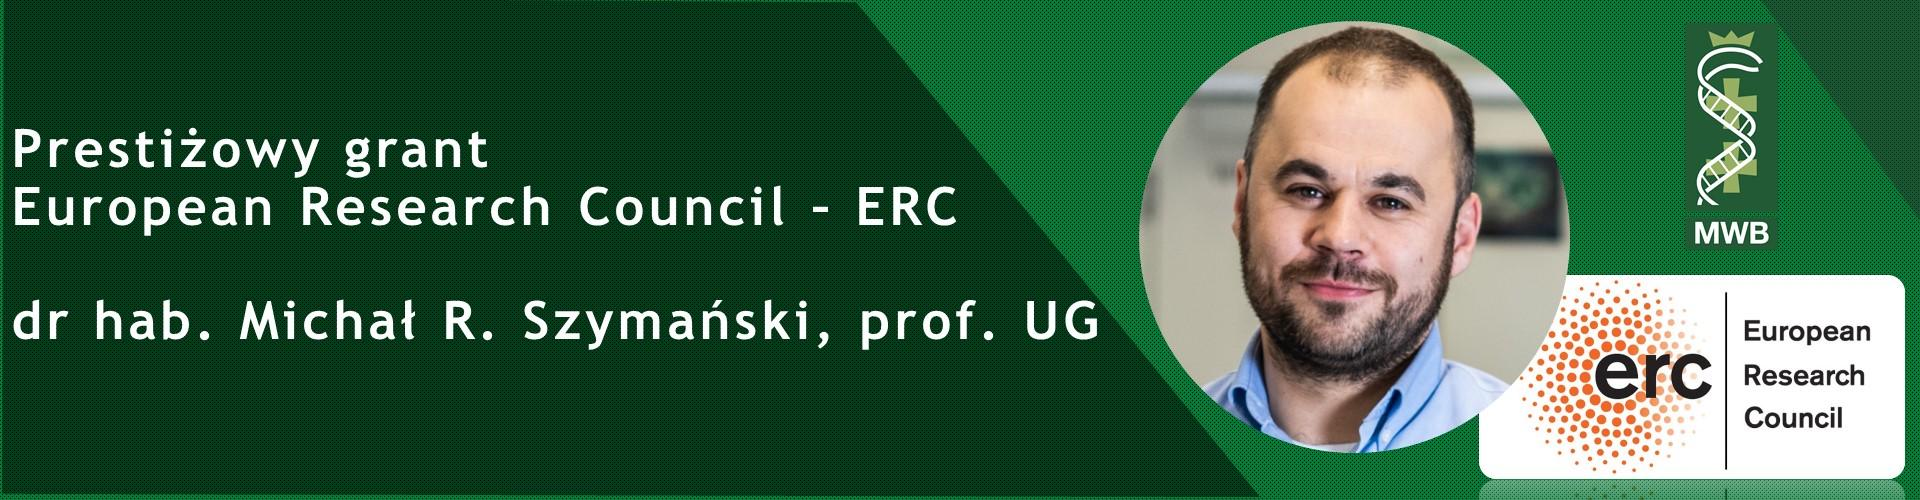 Grant Europejskiej Rady ds. Badań Naukowych